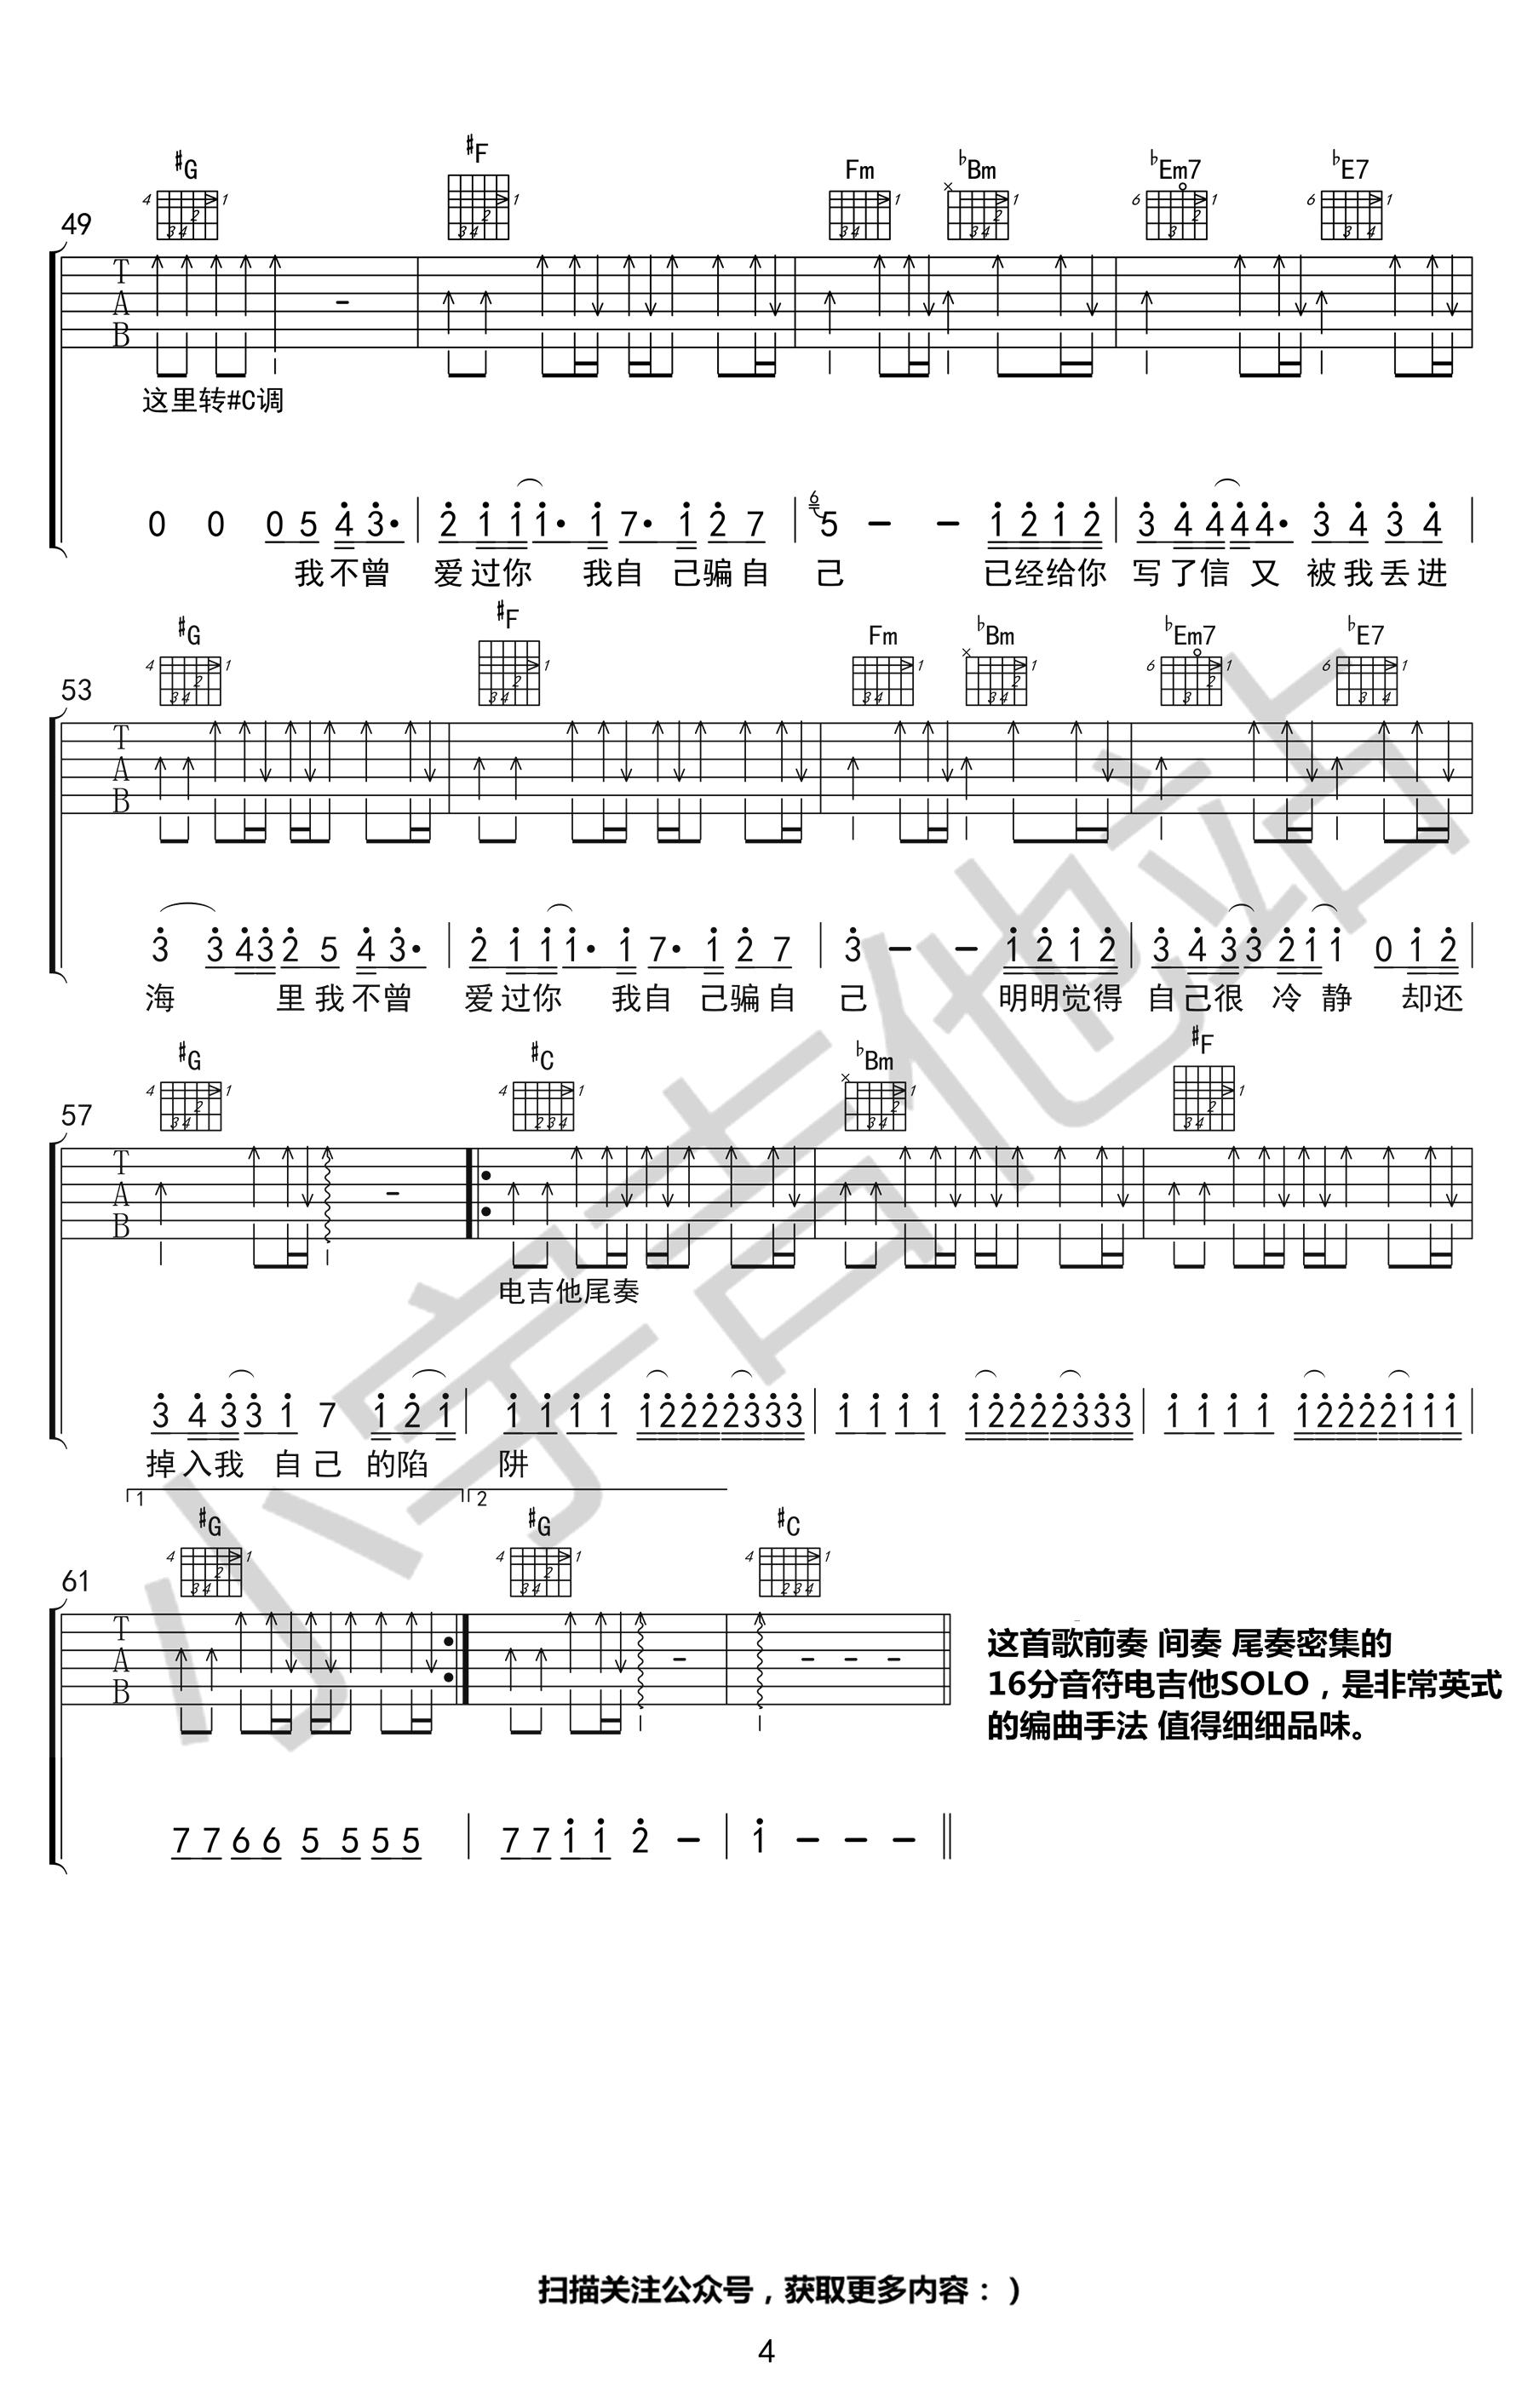 陷阱-王北車-图片吉他谱-4